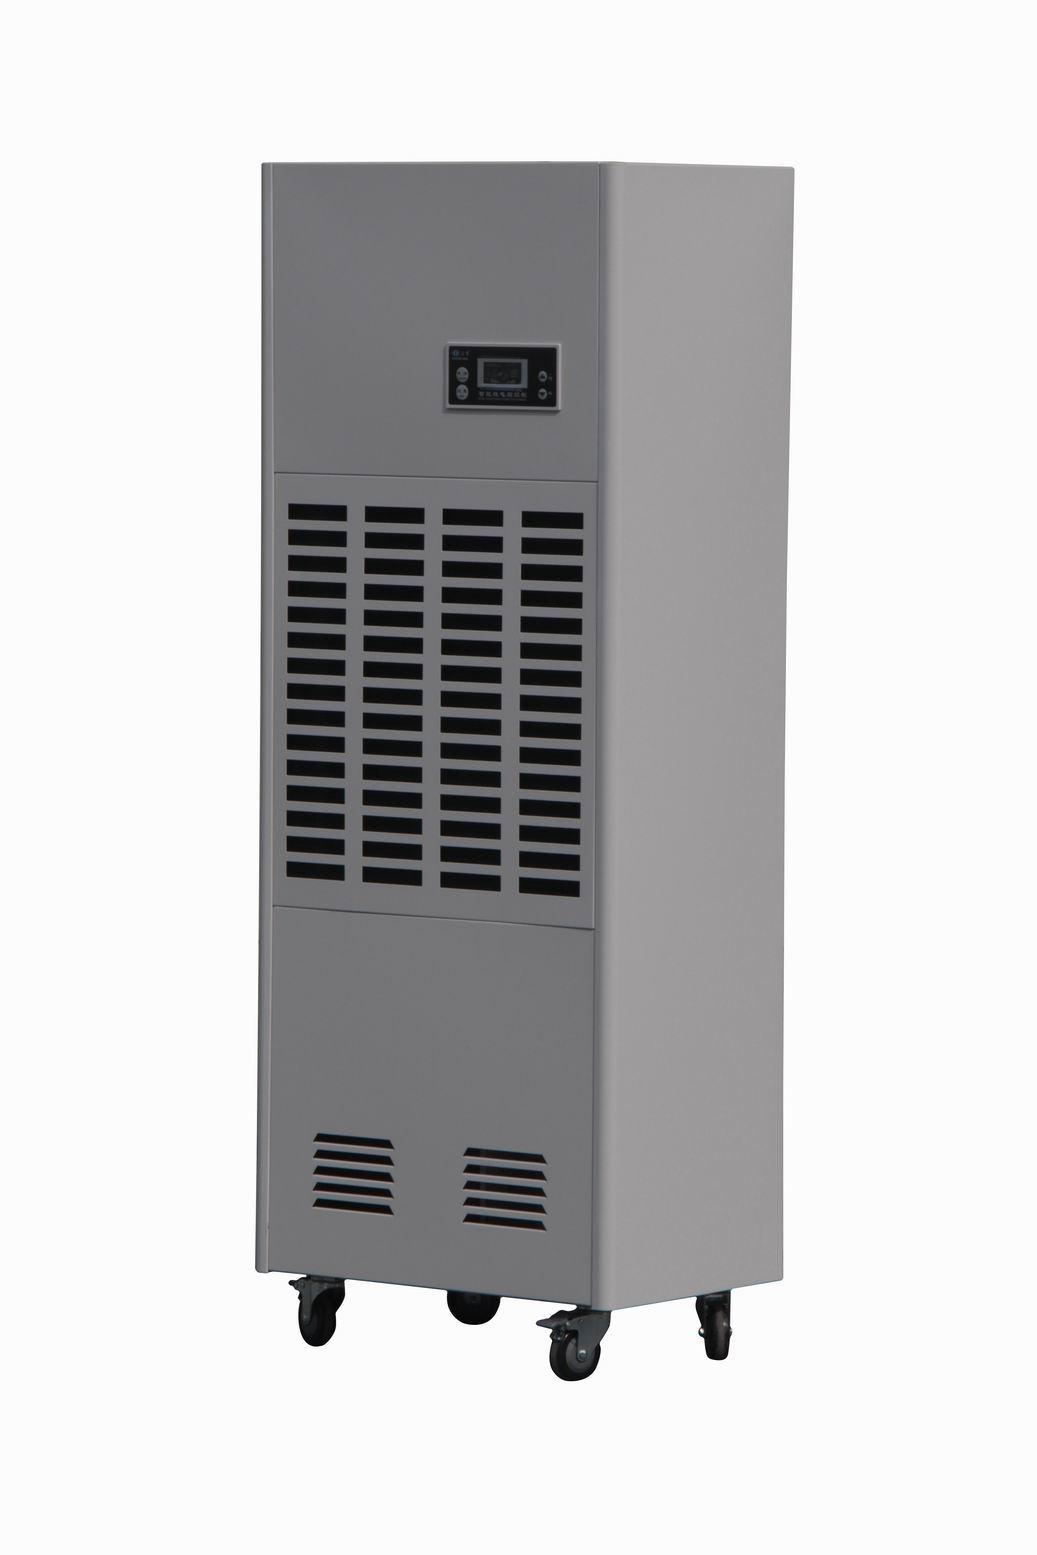 低温环境建议选择低温冷库型除湿机